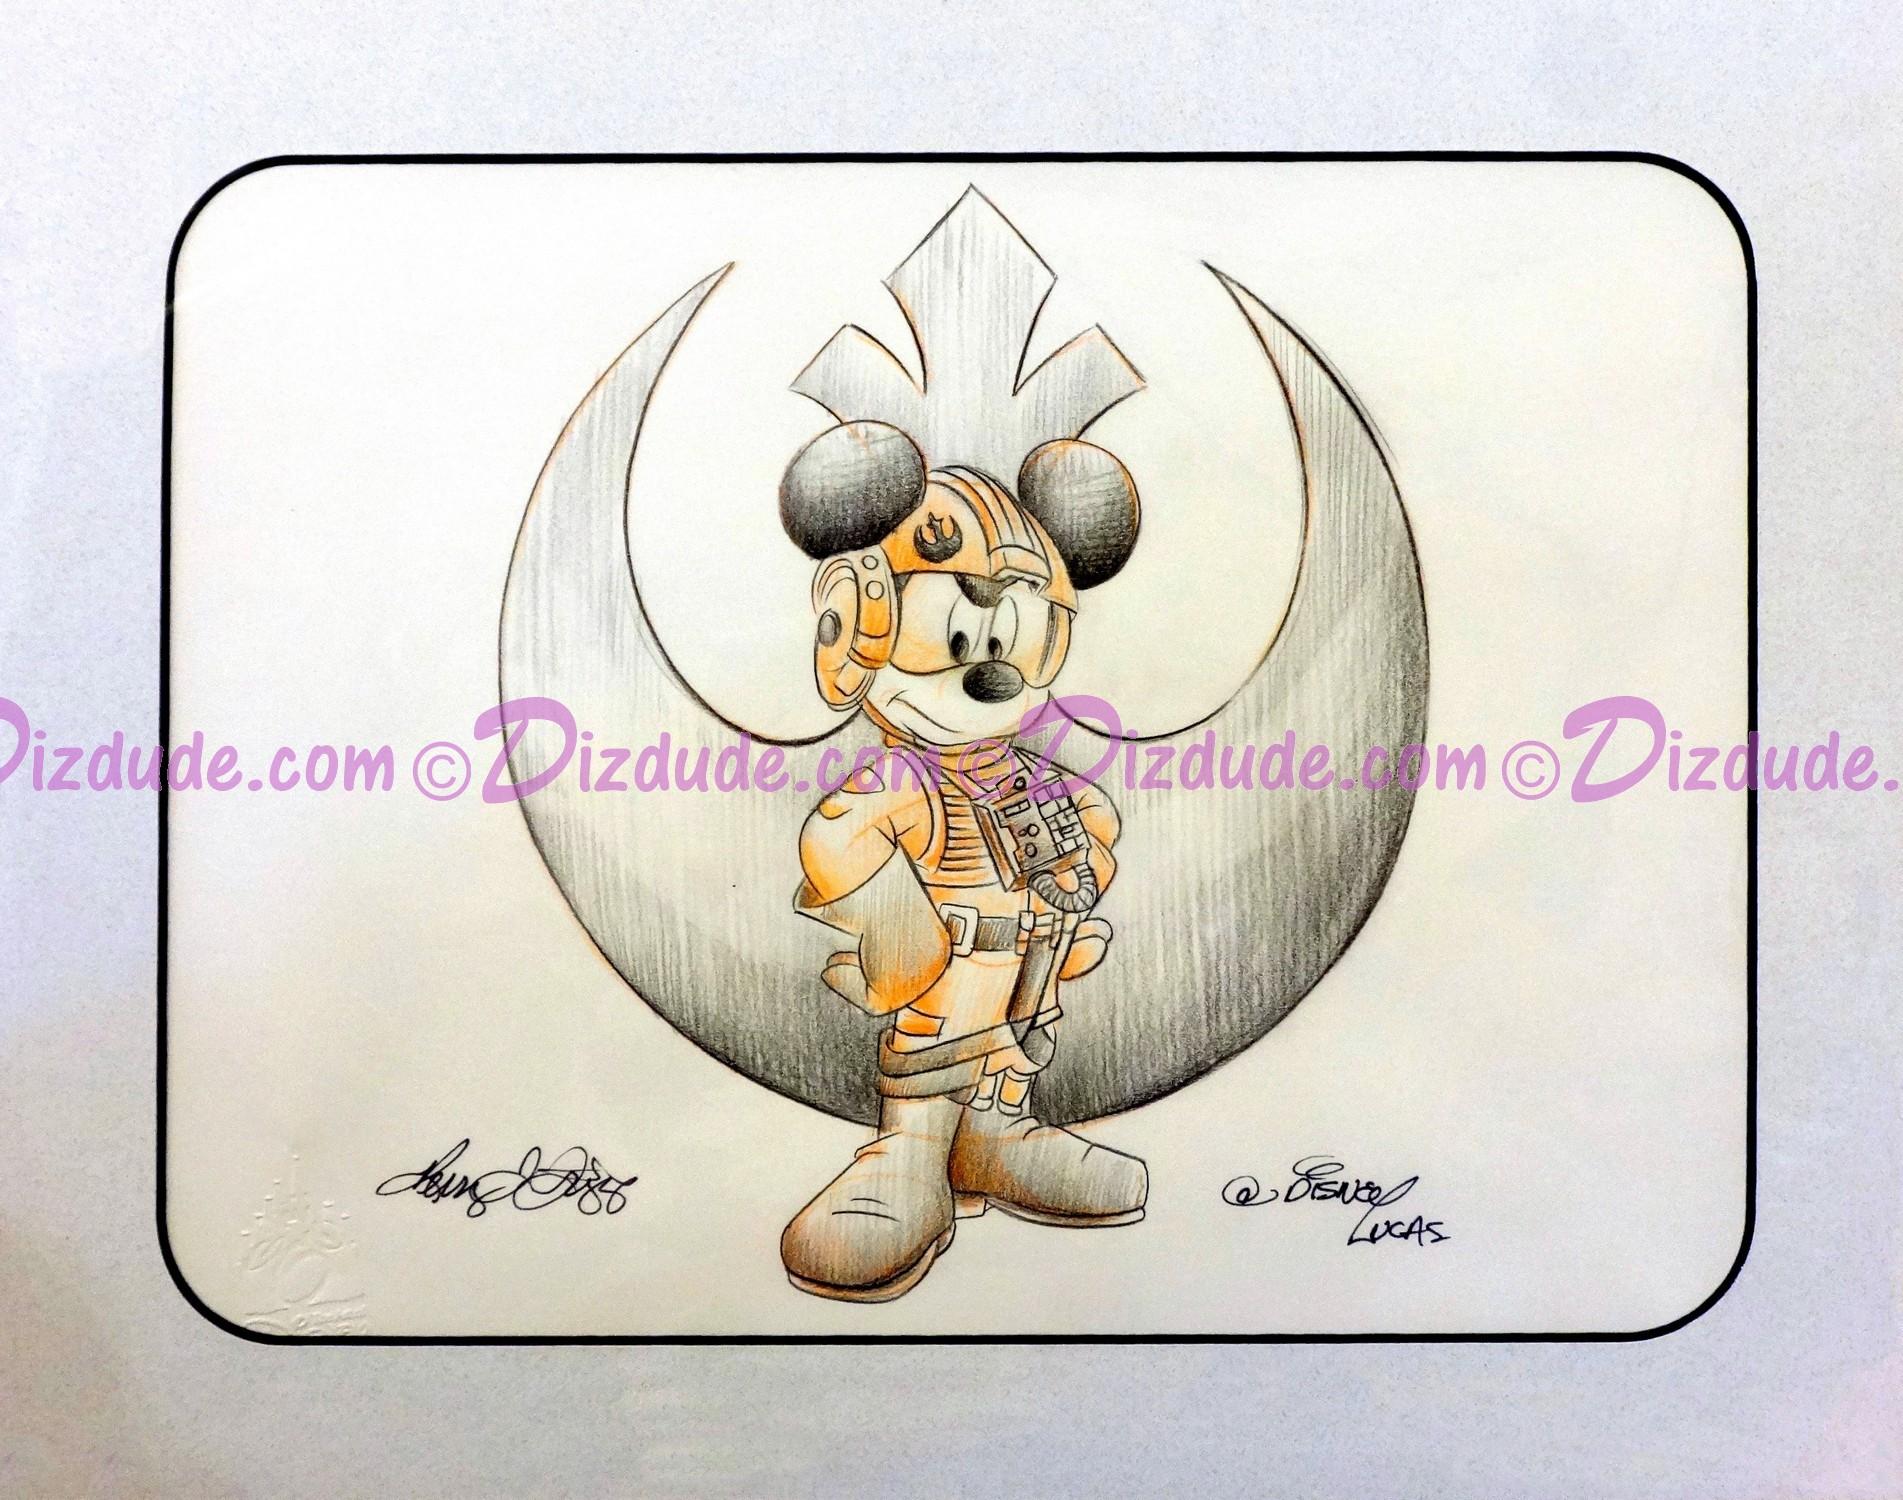 Drawn star wars disney Wars Mickey Drawn Pilot DIZDUDE